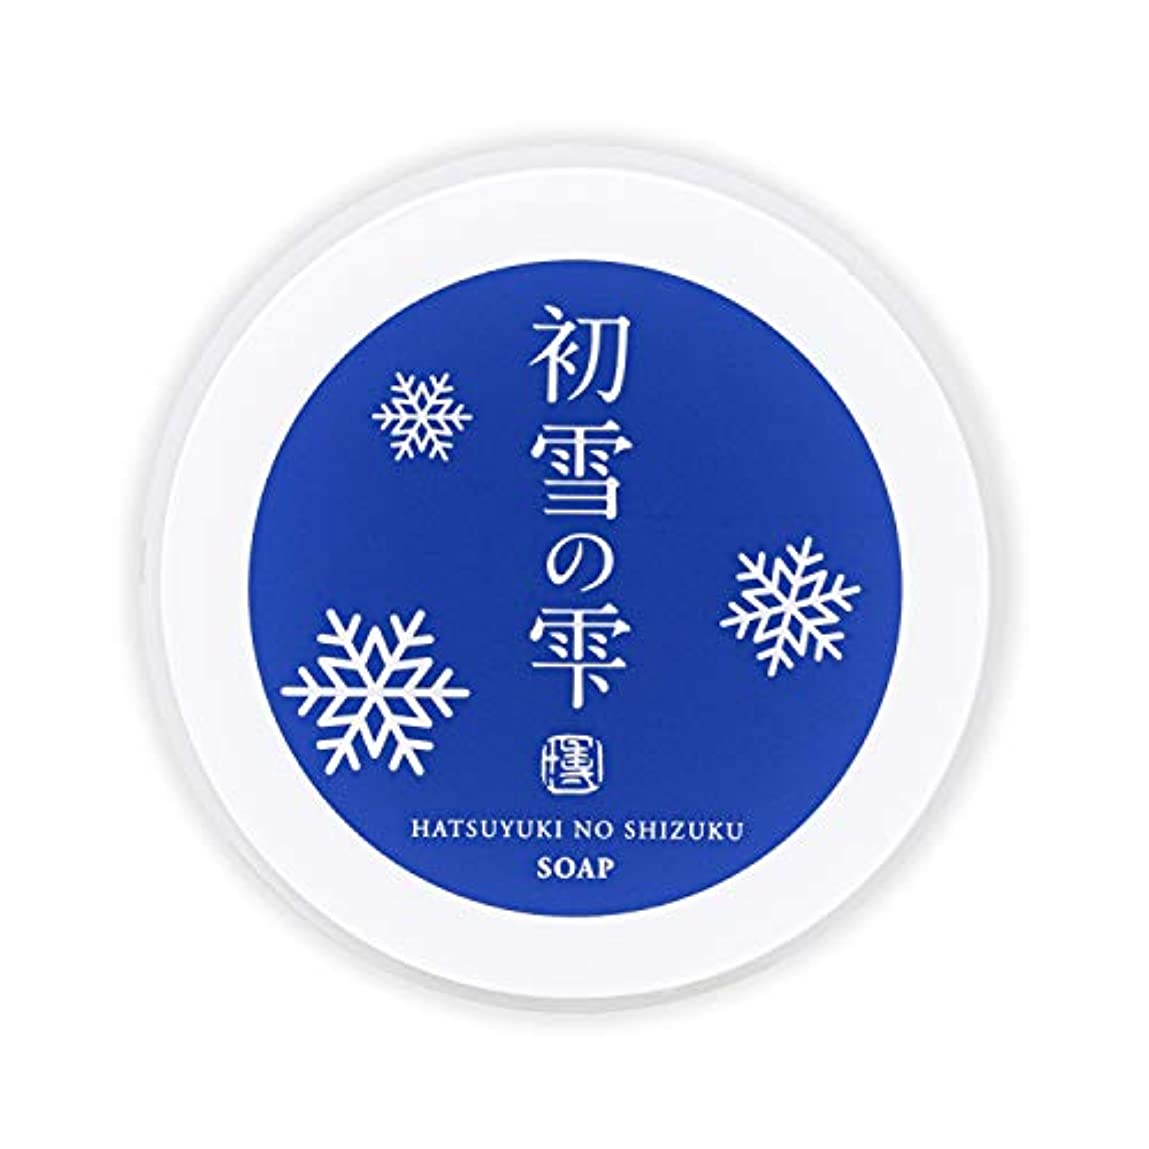 空中請う主権者初雪の雫 泡 洗顔 練り せっけん ジャータイプ 34g 約2週間分 [プラセンタ ヒアルロン酸 セラミド ビタミンC ]